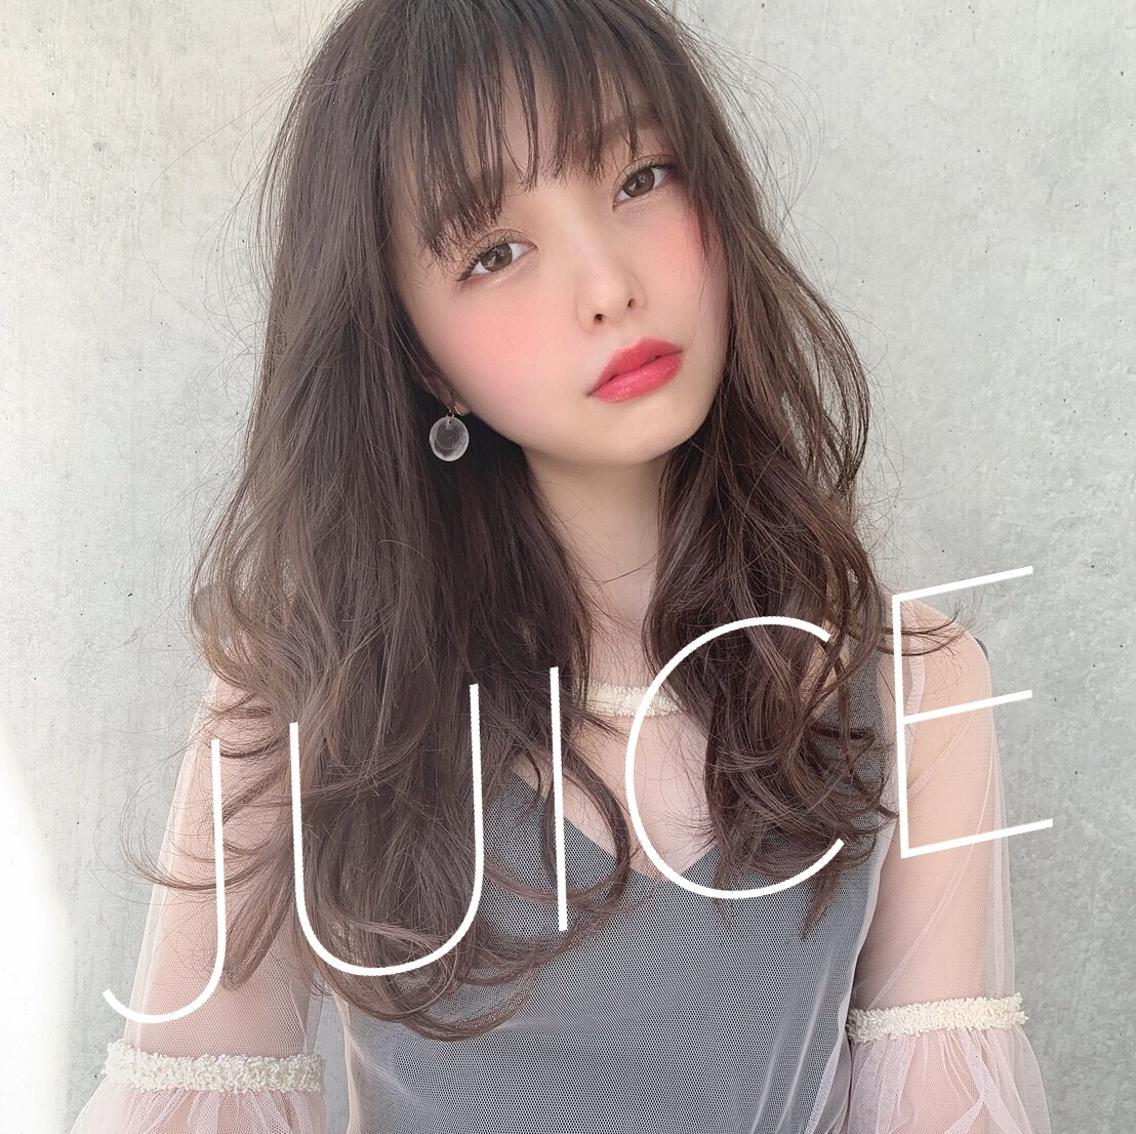 JUICE(ジュース) /THEATER所属・🌸ブリーチなしで 透明感🌸RIHOの掲載